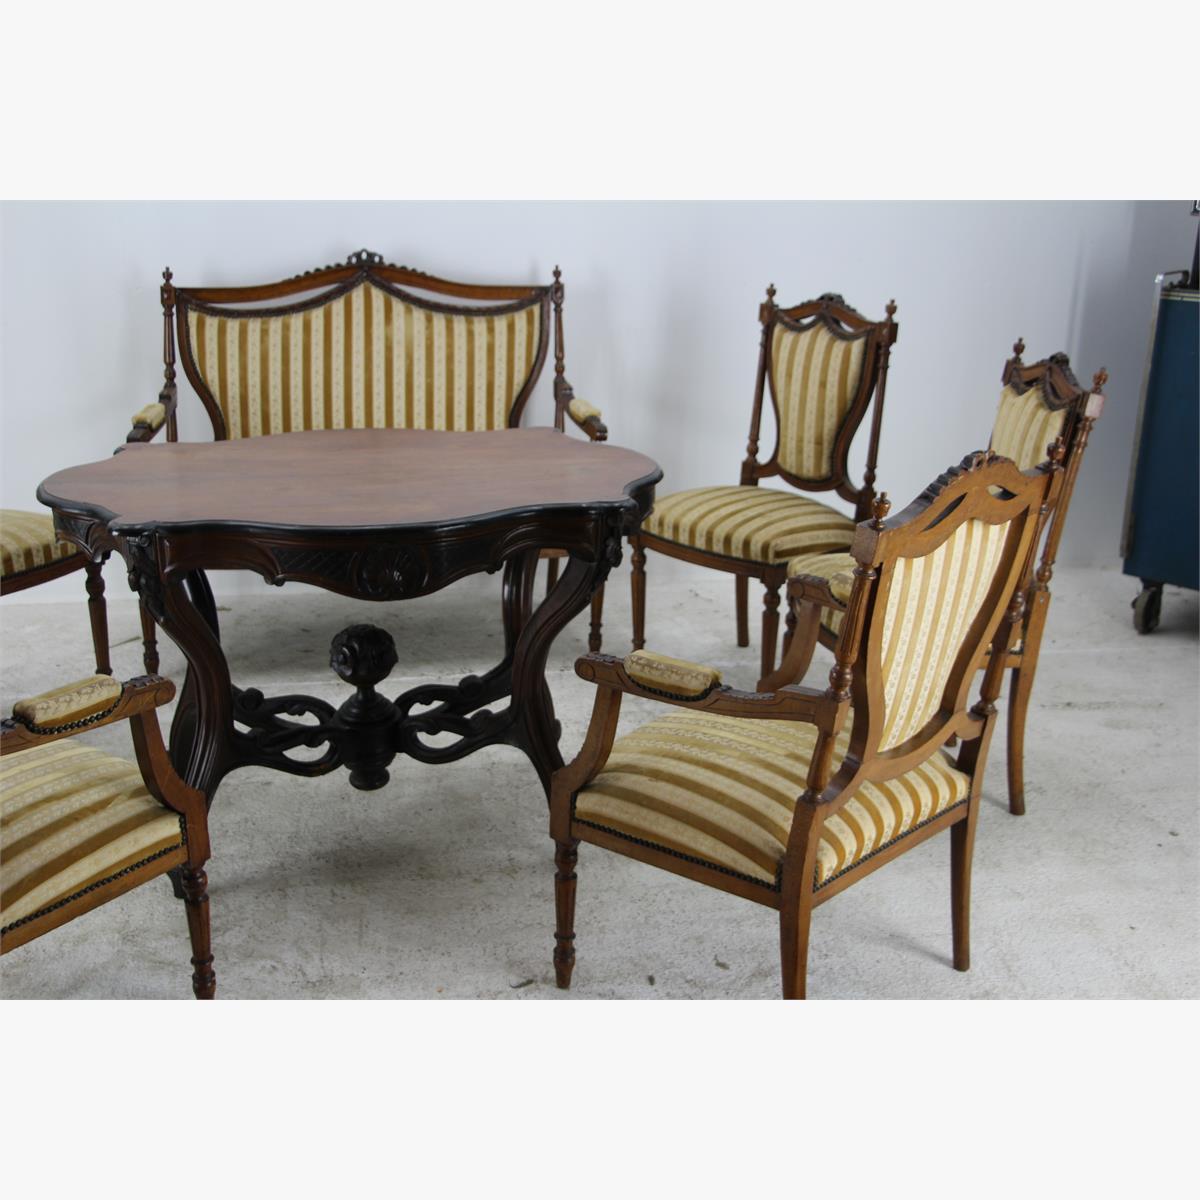 Afbeeldingen van antieke zithoek een zitbank twee armstoelen en vier gewone stoelen